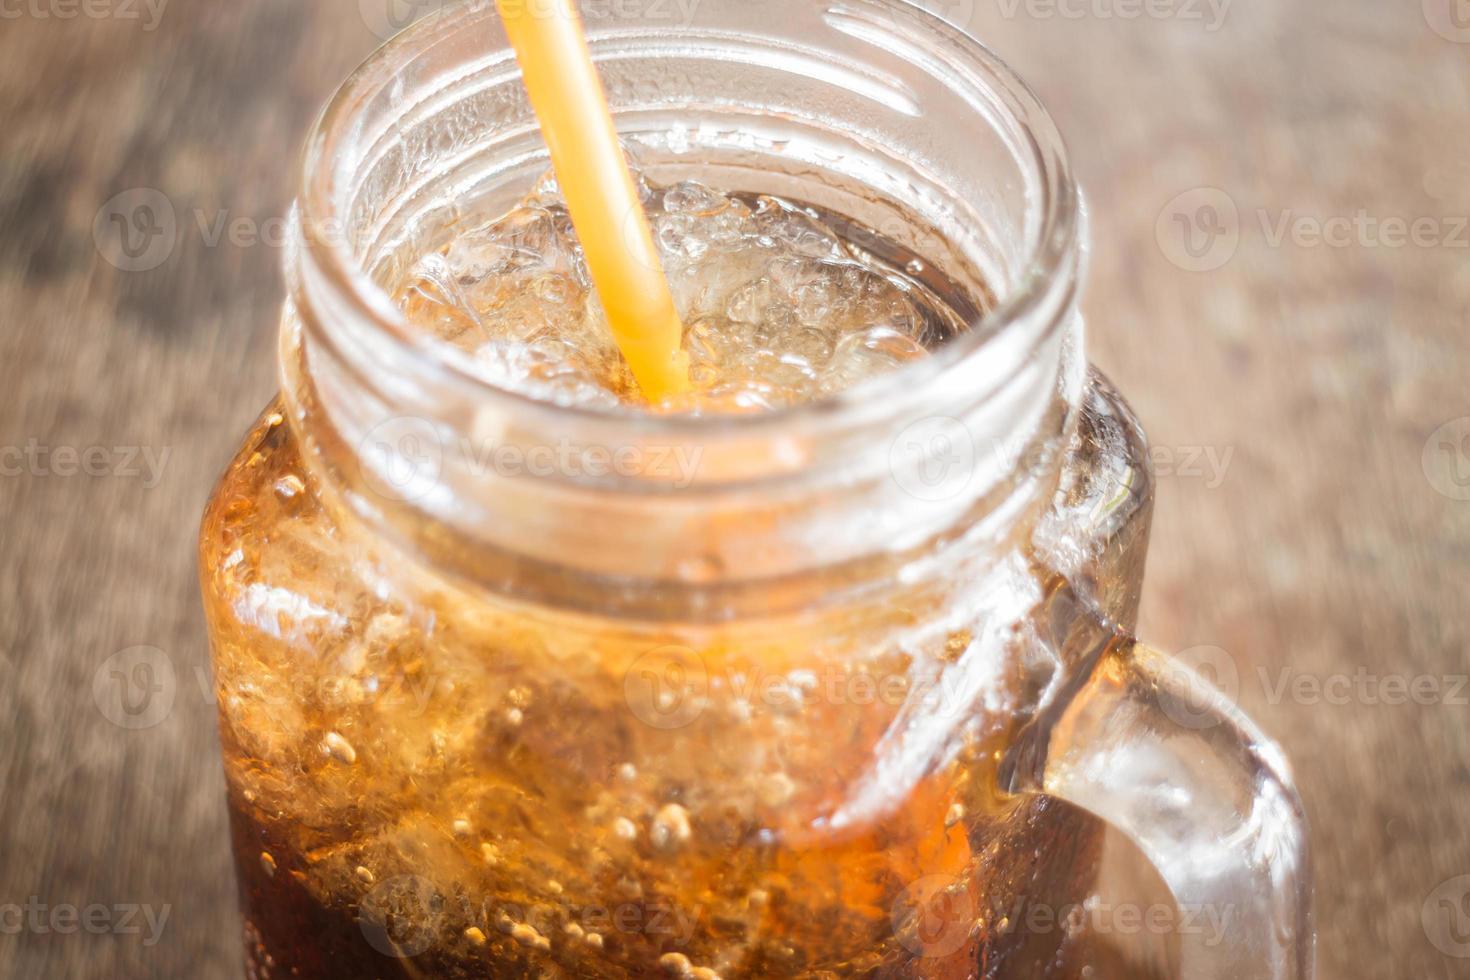 refrescante refresco marrón con hielo foto